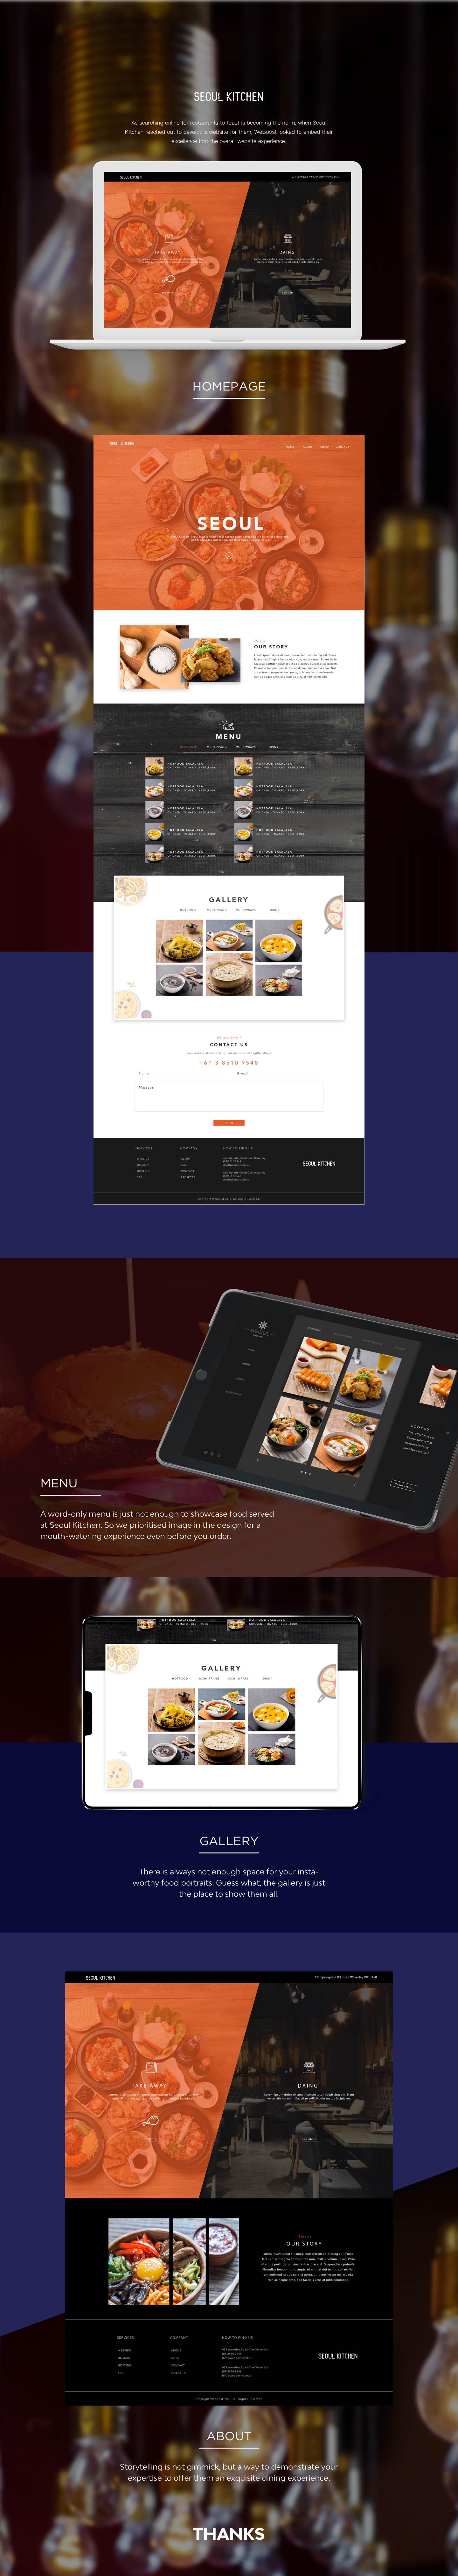 Korean restaurant website